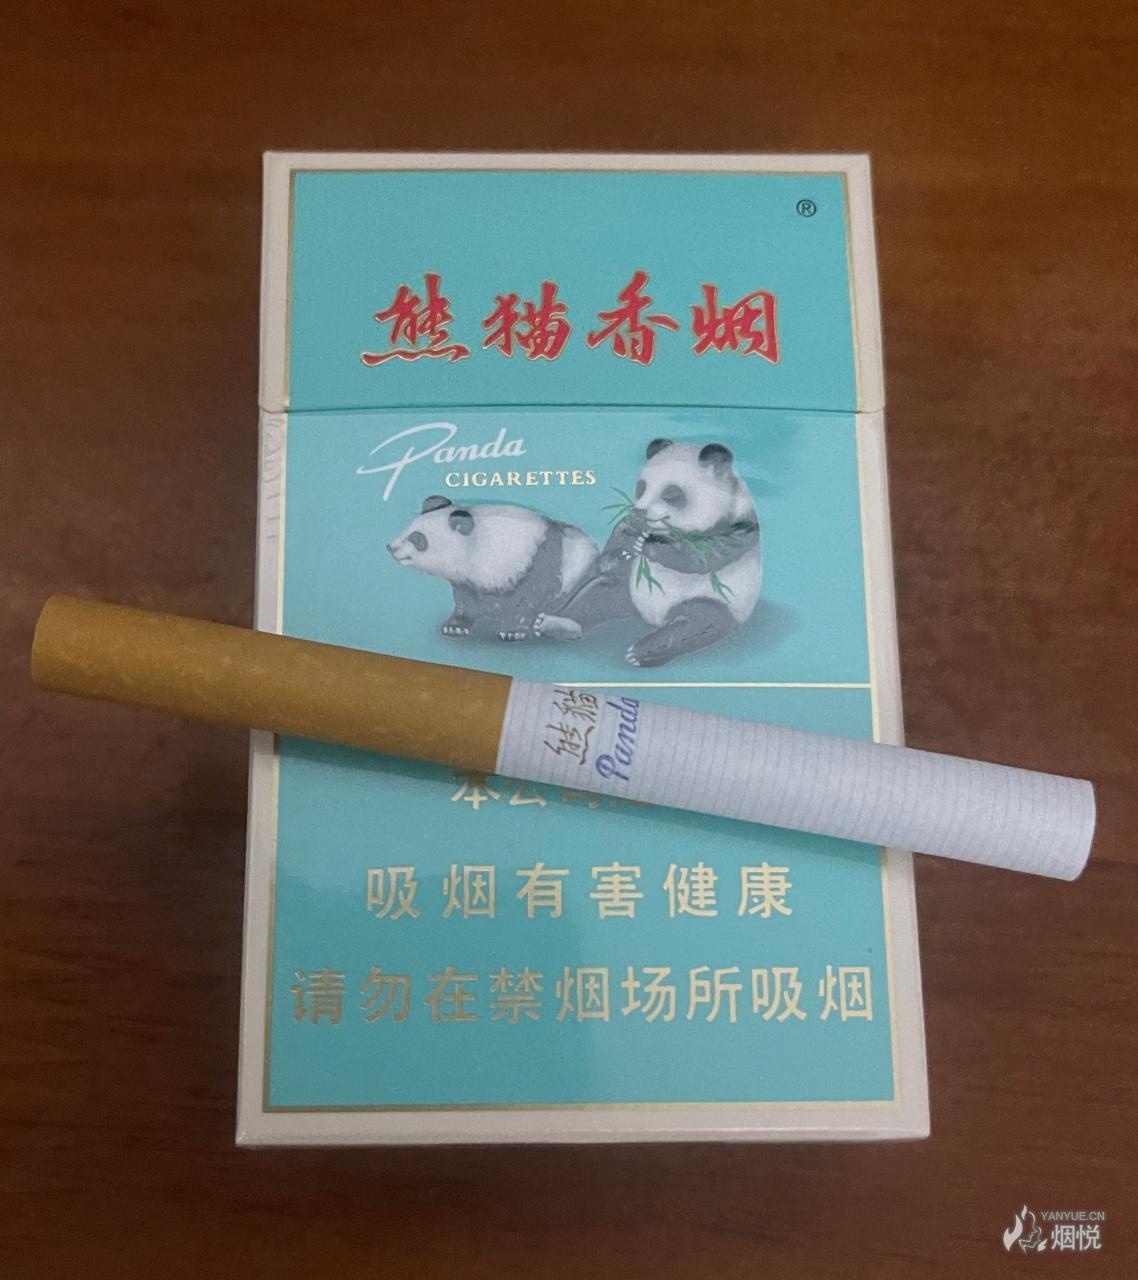 烟.jpg